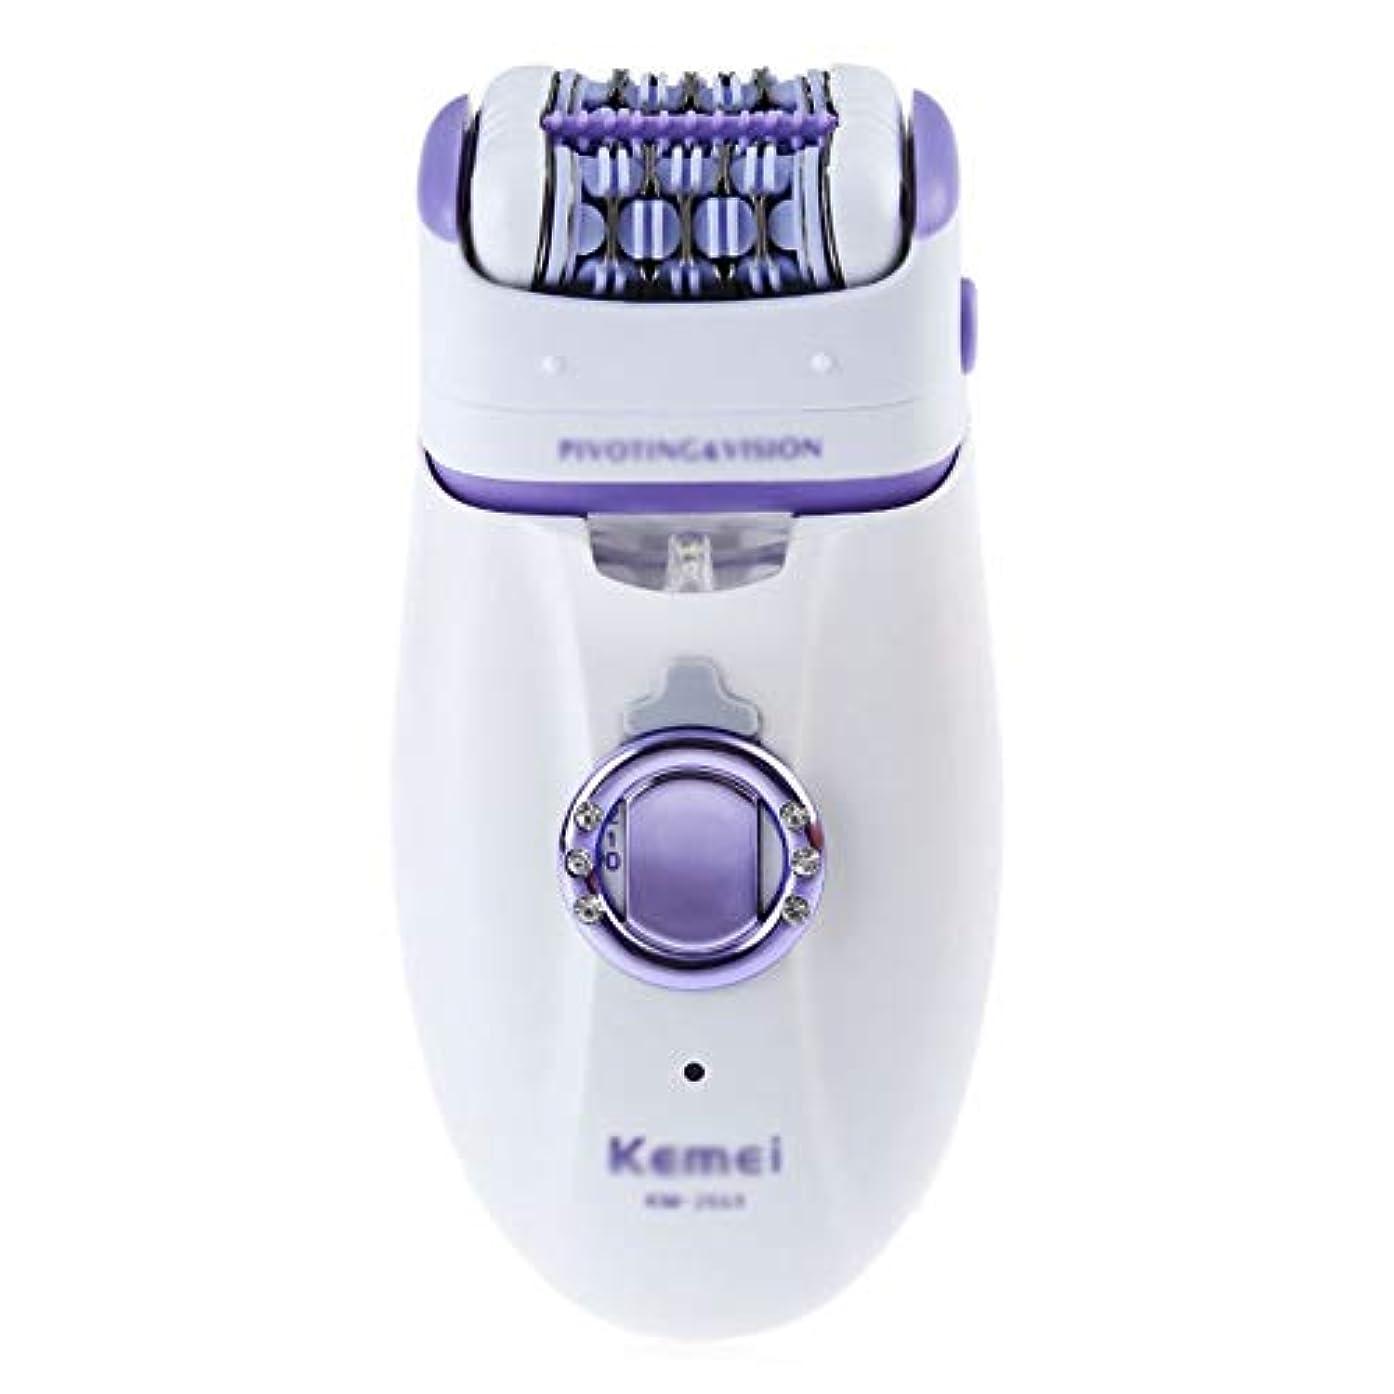 モーション疲労スピリチュアルコードレス電気脱毛脱毛器、充電式、防水、ポータブル脱毛カミソリ付きライト